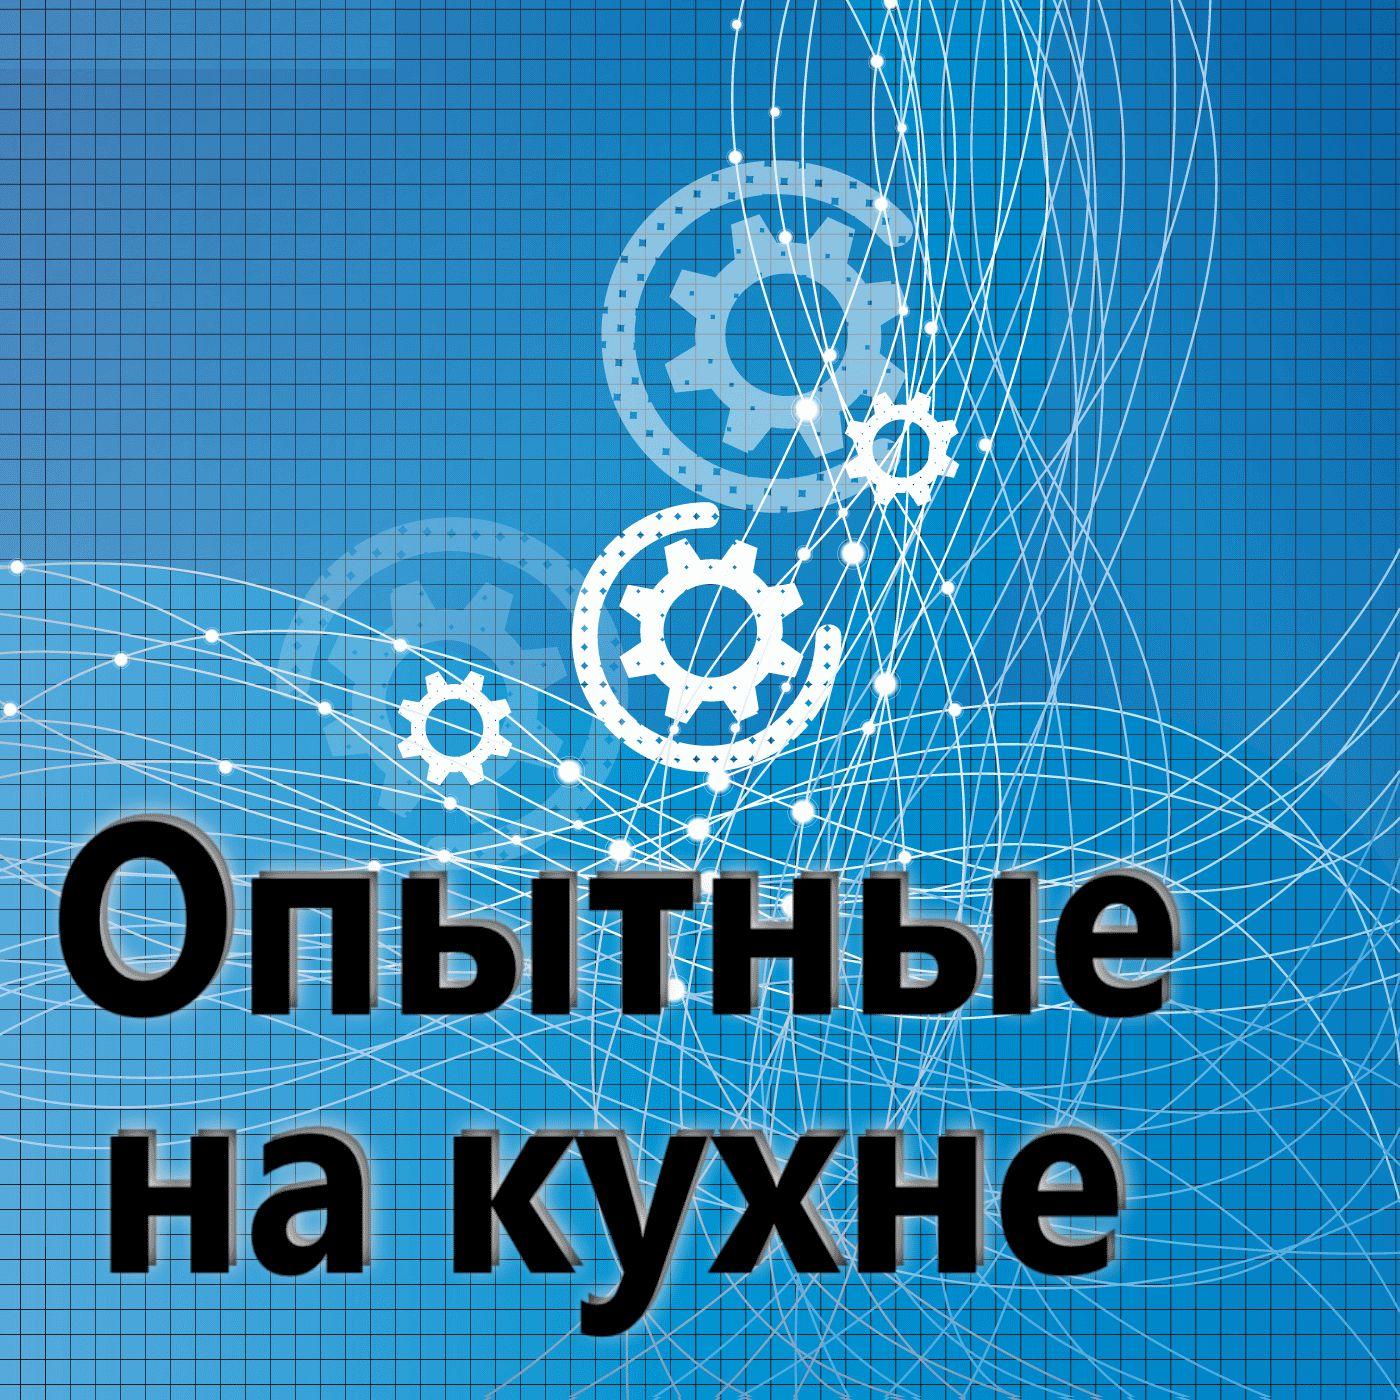 Евгений Плешивцев Опытные на кухне №083 опытные на кухне 083